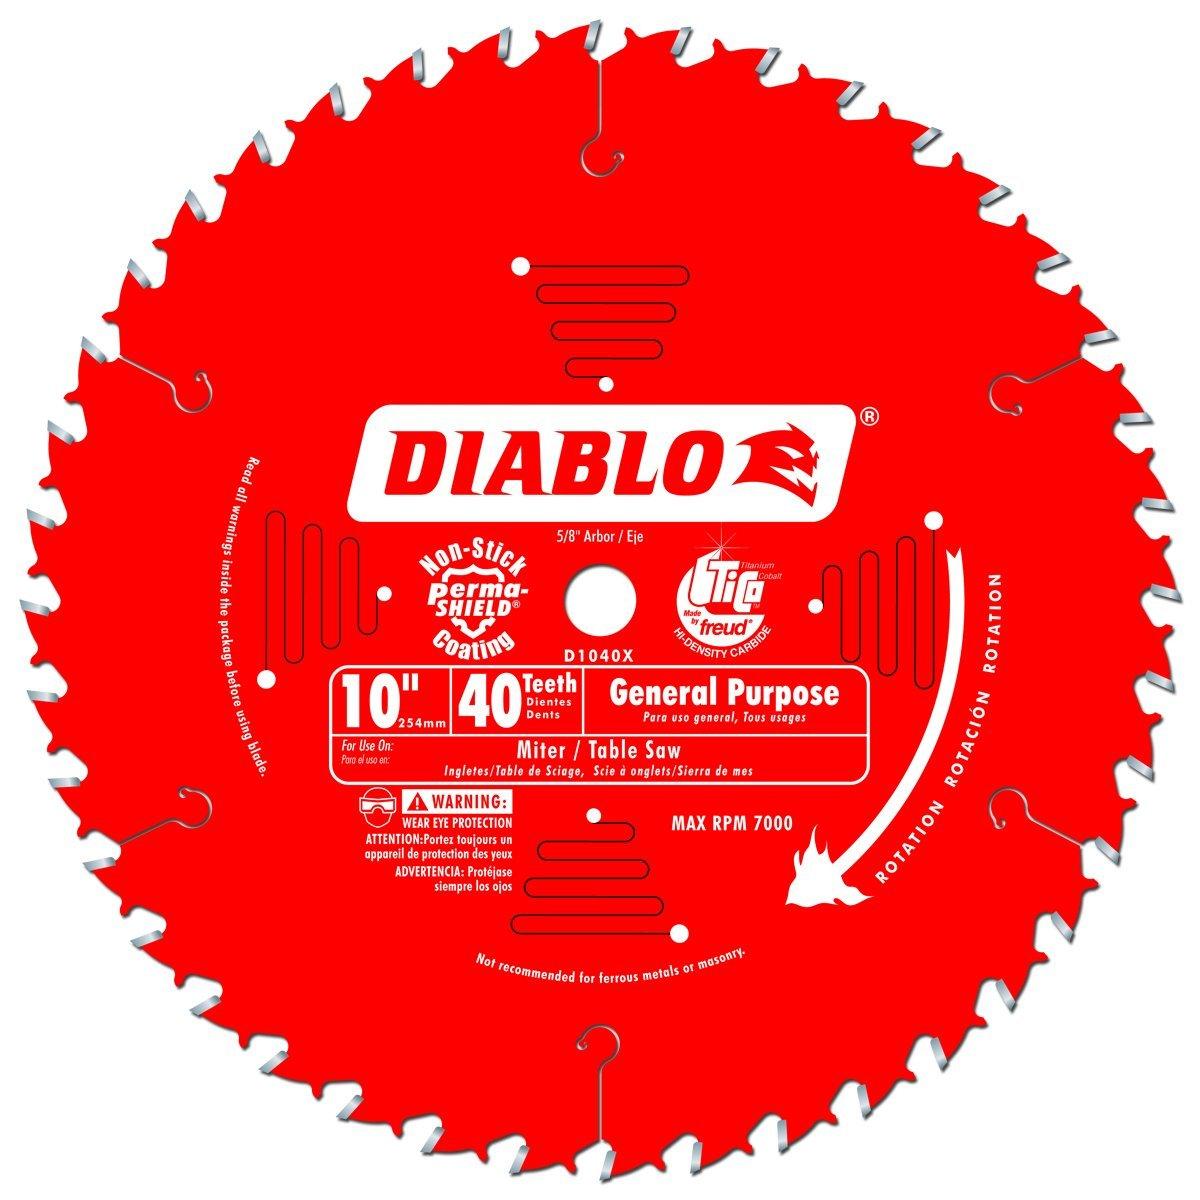 5 Hojas de Sierra DIABLO D1040X 10 x 40T ATB Propósito gener